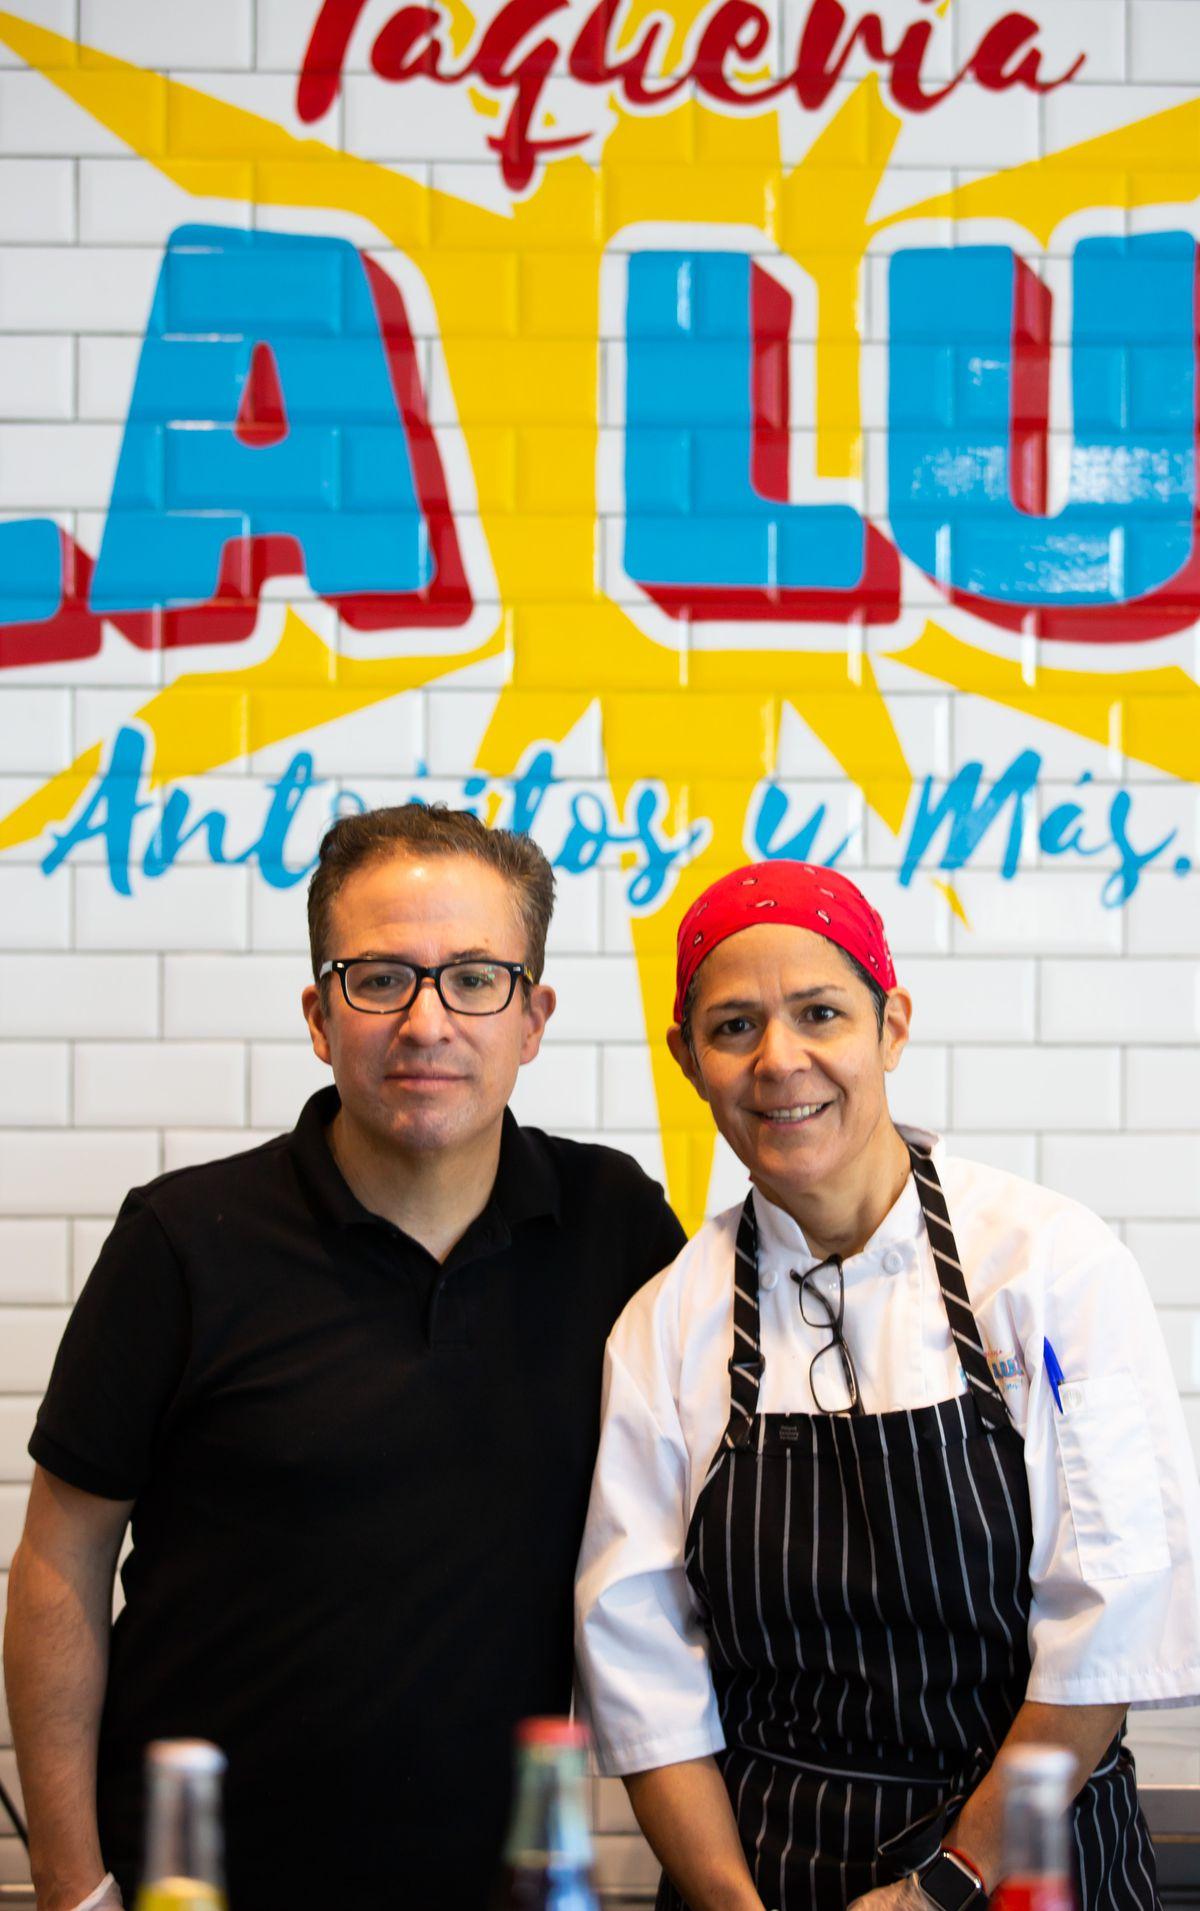 Luis Martinez-Obregon and chef Lucero Martinez, owners of Zocalo and La Luz Mexican in Atlanta